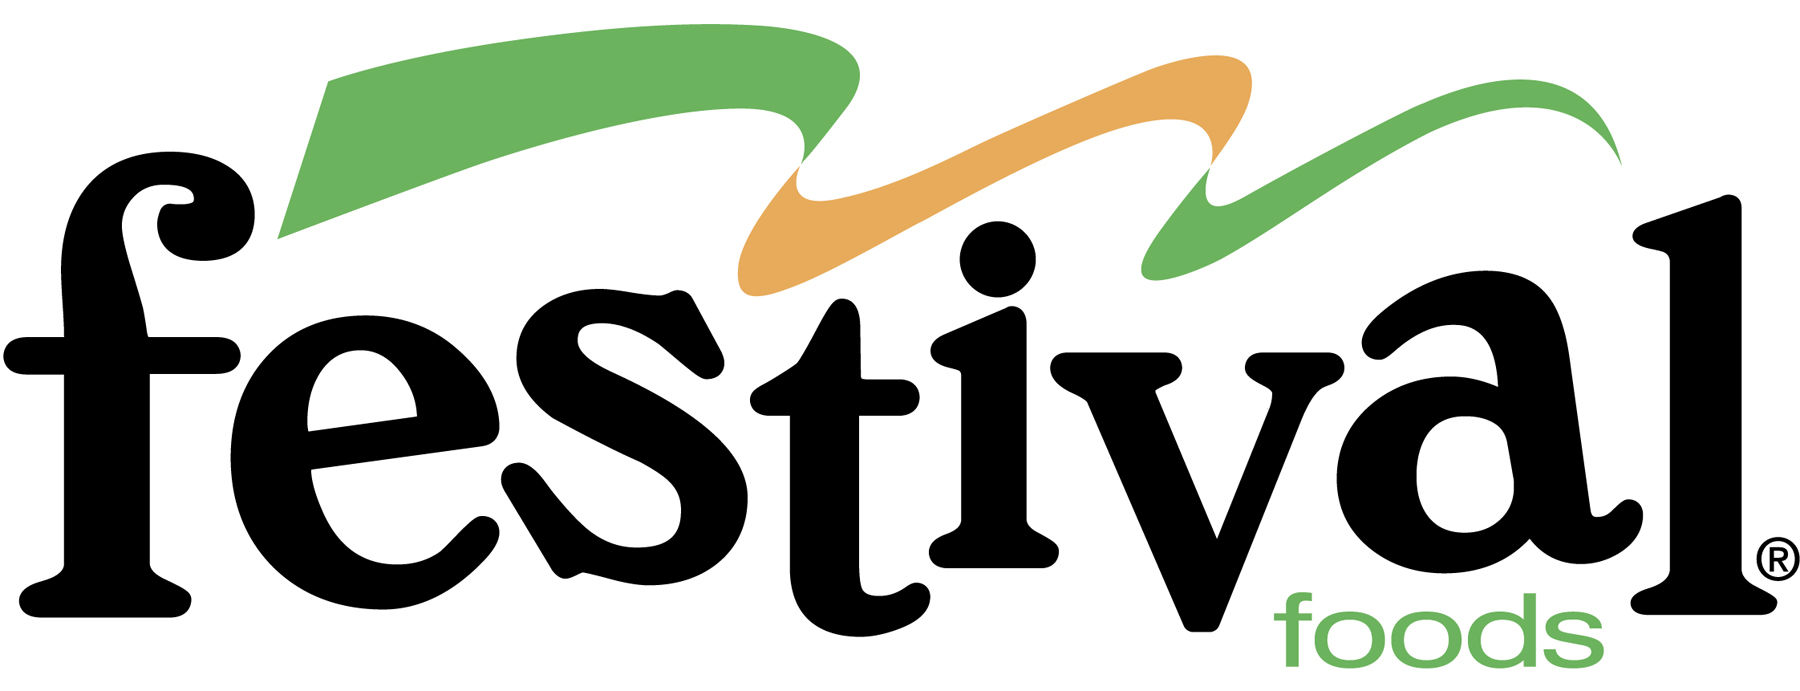 Festival Logo - high resolution jpg format